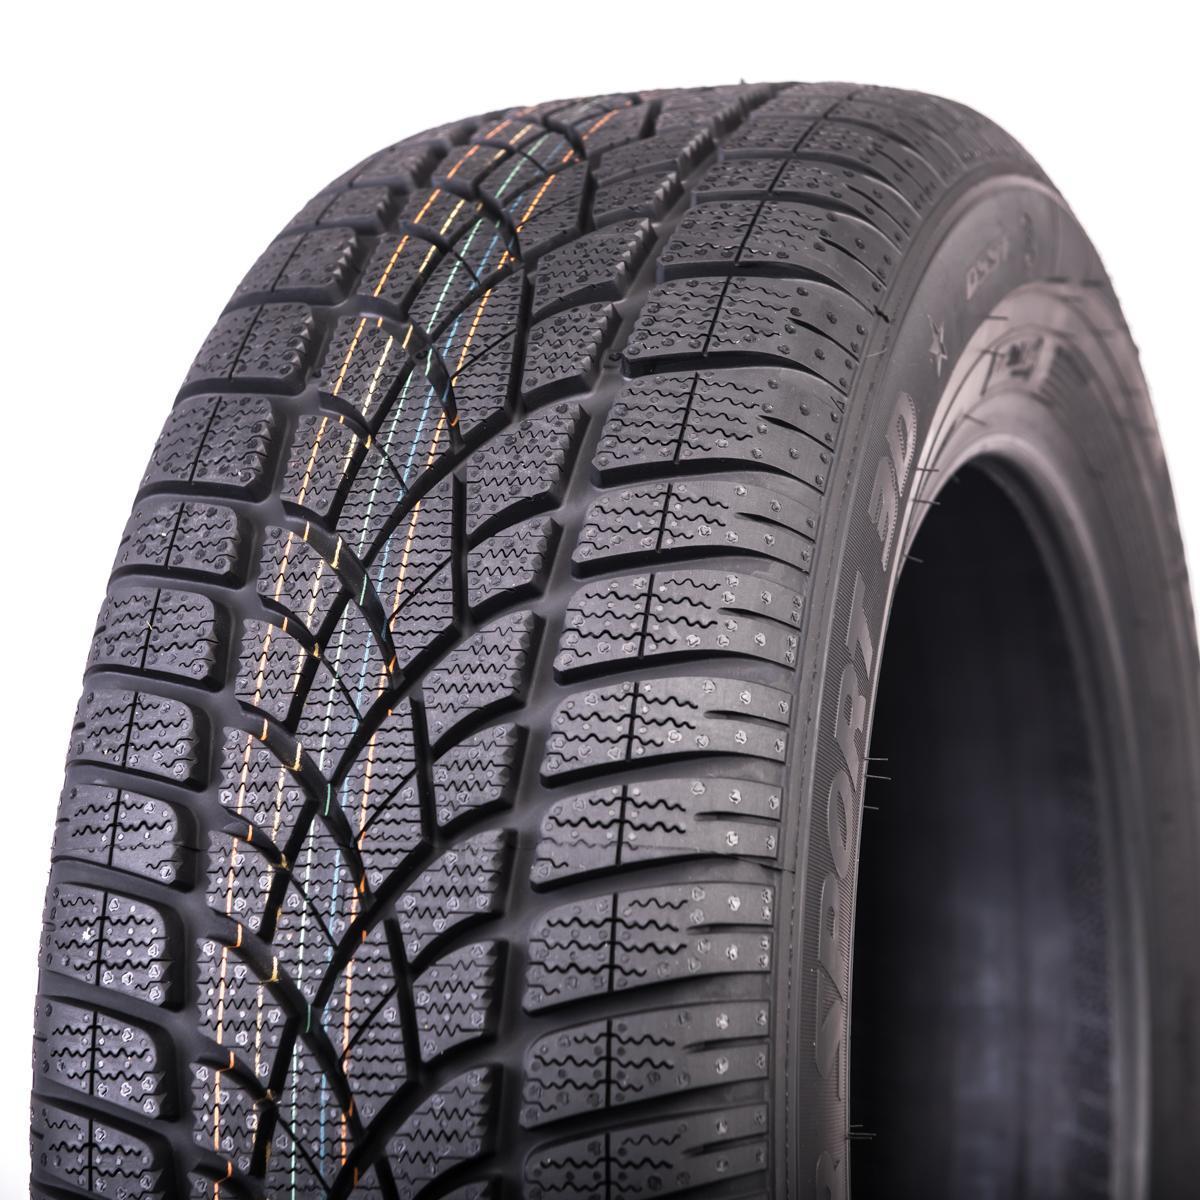 Opony Dunlop Sp Winter Sport 3d 22550 R18 99h Zimowe Wysyłka 24h